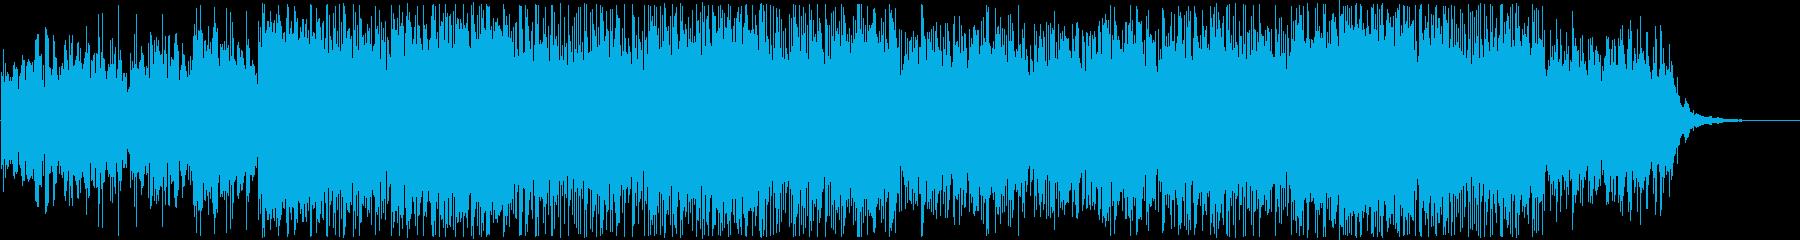 法人 技術的な 感情的 ハイテク ...の再生済みの波形